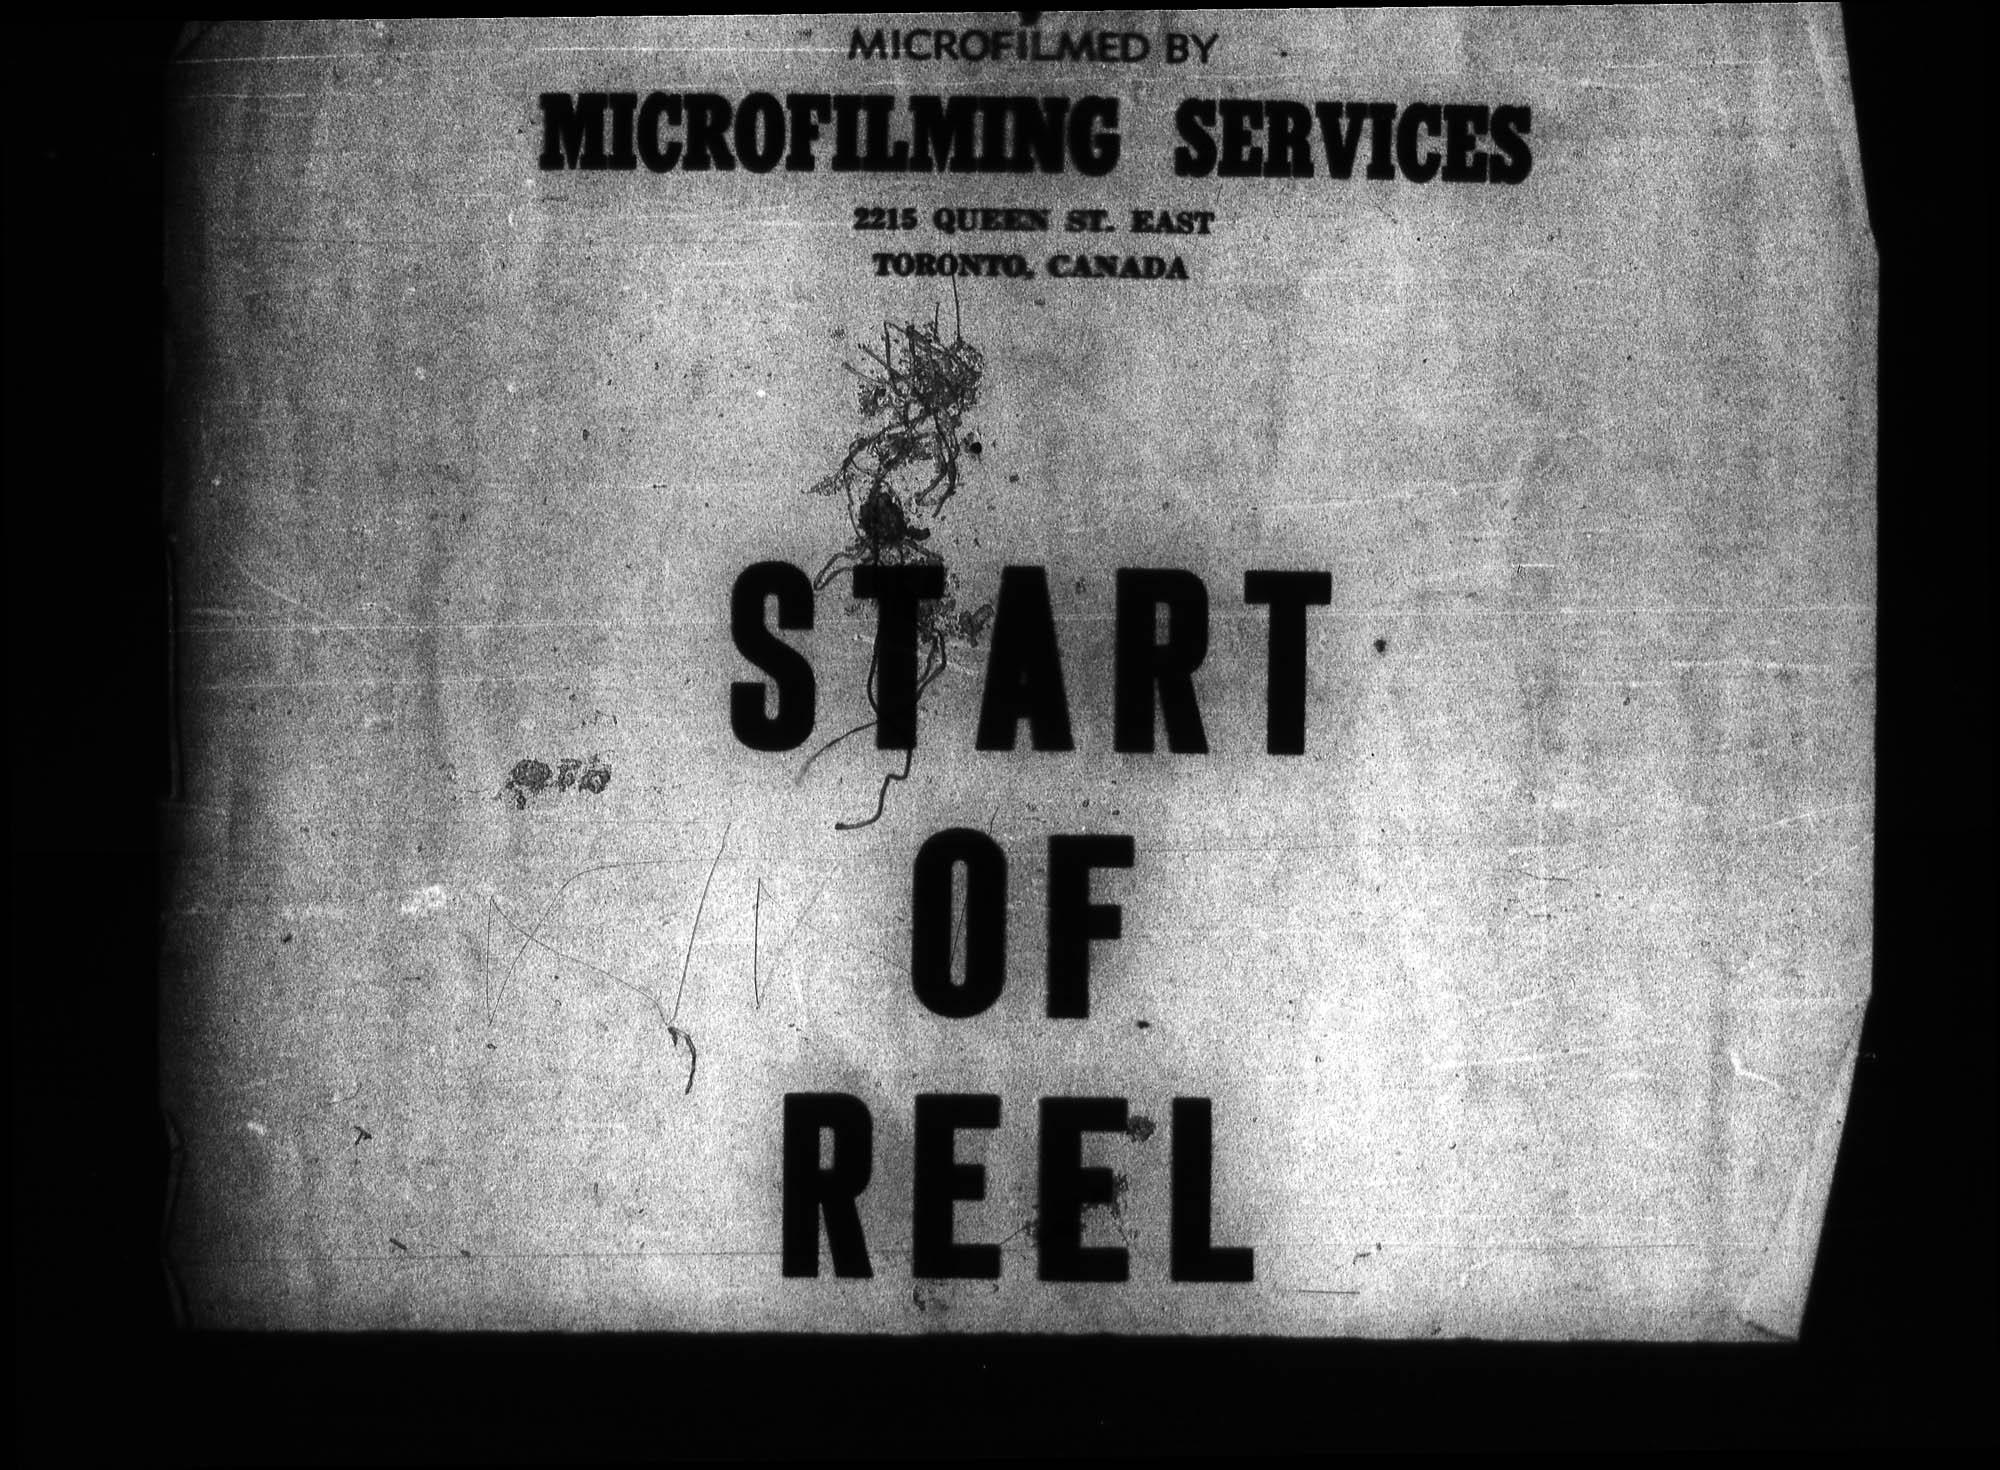 Titre: Arrivées par la frontière, 1908-1918 - N° d'enregistrement Mikan: 179161 - Microforme: t-5497